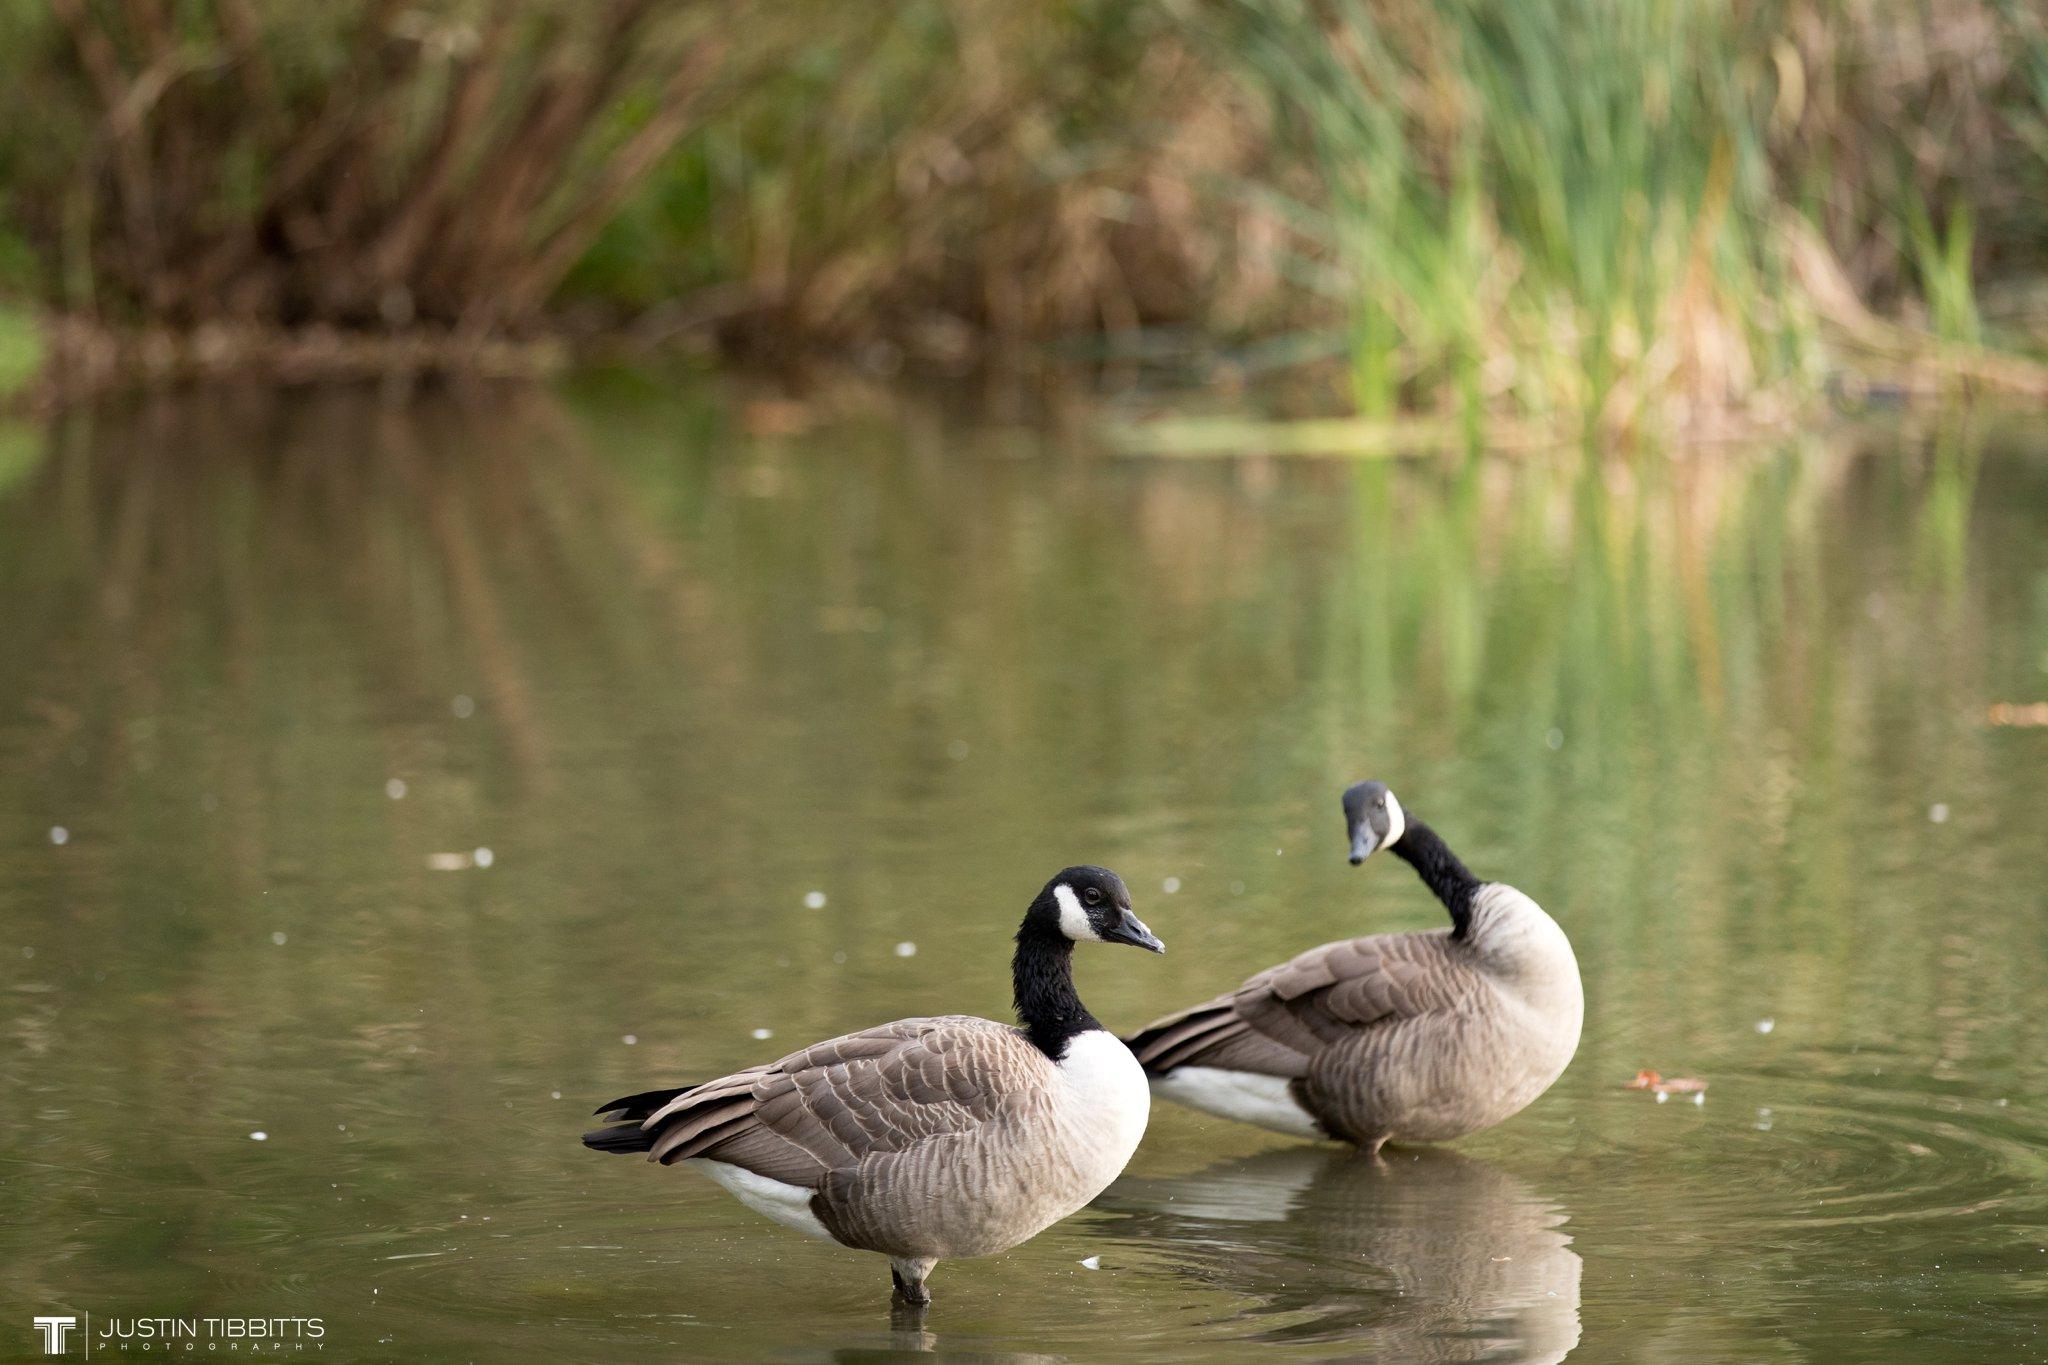 washington-park-albany-ny-engagement-photos-with-andrea-and-dan_0023